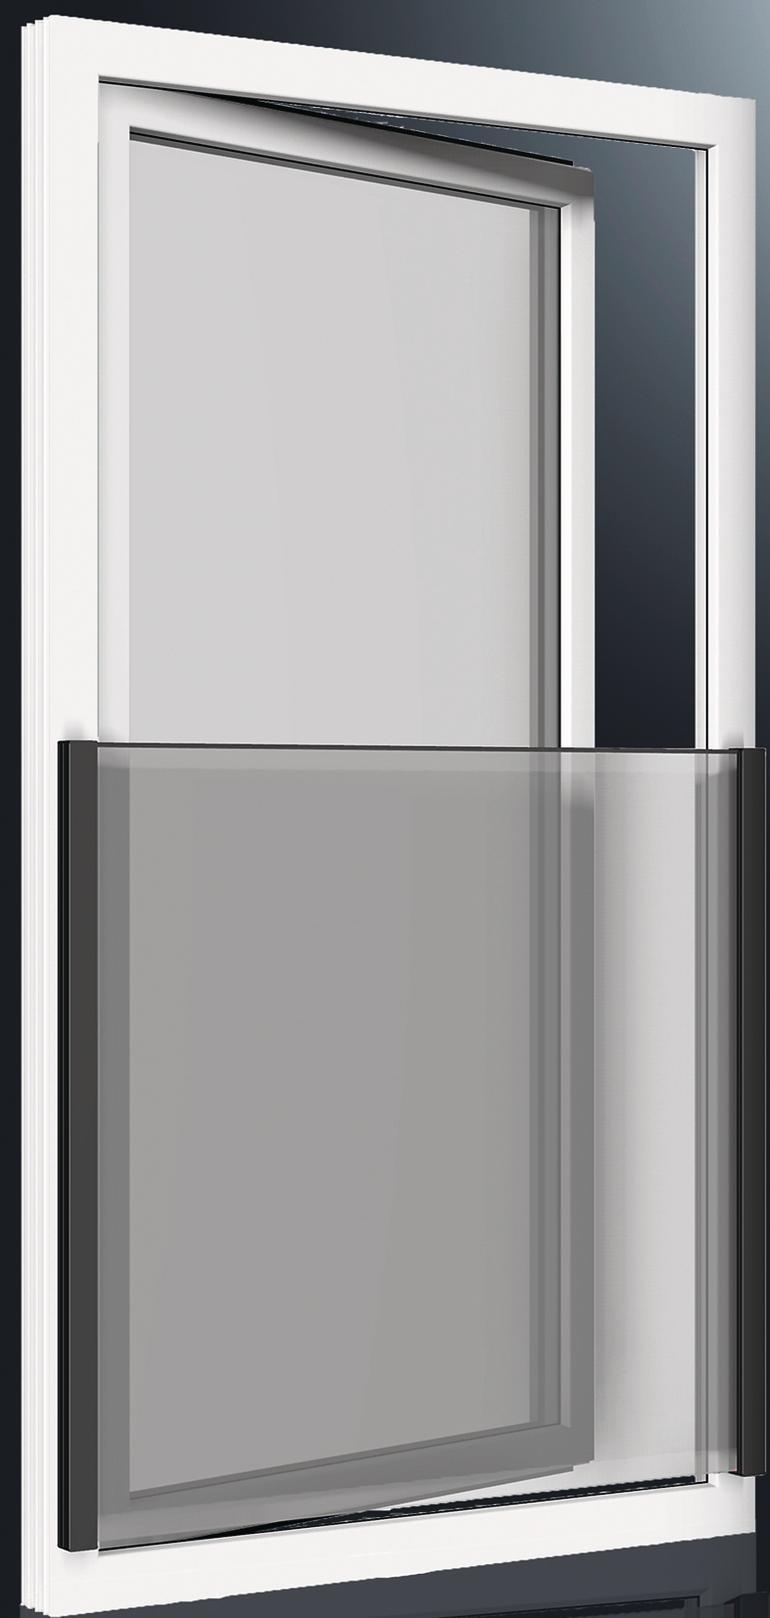 Full Size of Aufliegende Absturzsicherung Velux Fenster Einbauen Konfigurieren Herne Reinigen Günstig Kaufen Alu Kunststoff Gardinen Rollos Ohne Bohren Flachdach Rc3 Fenster Absturzsicherung Fenster